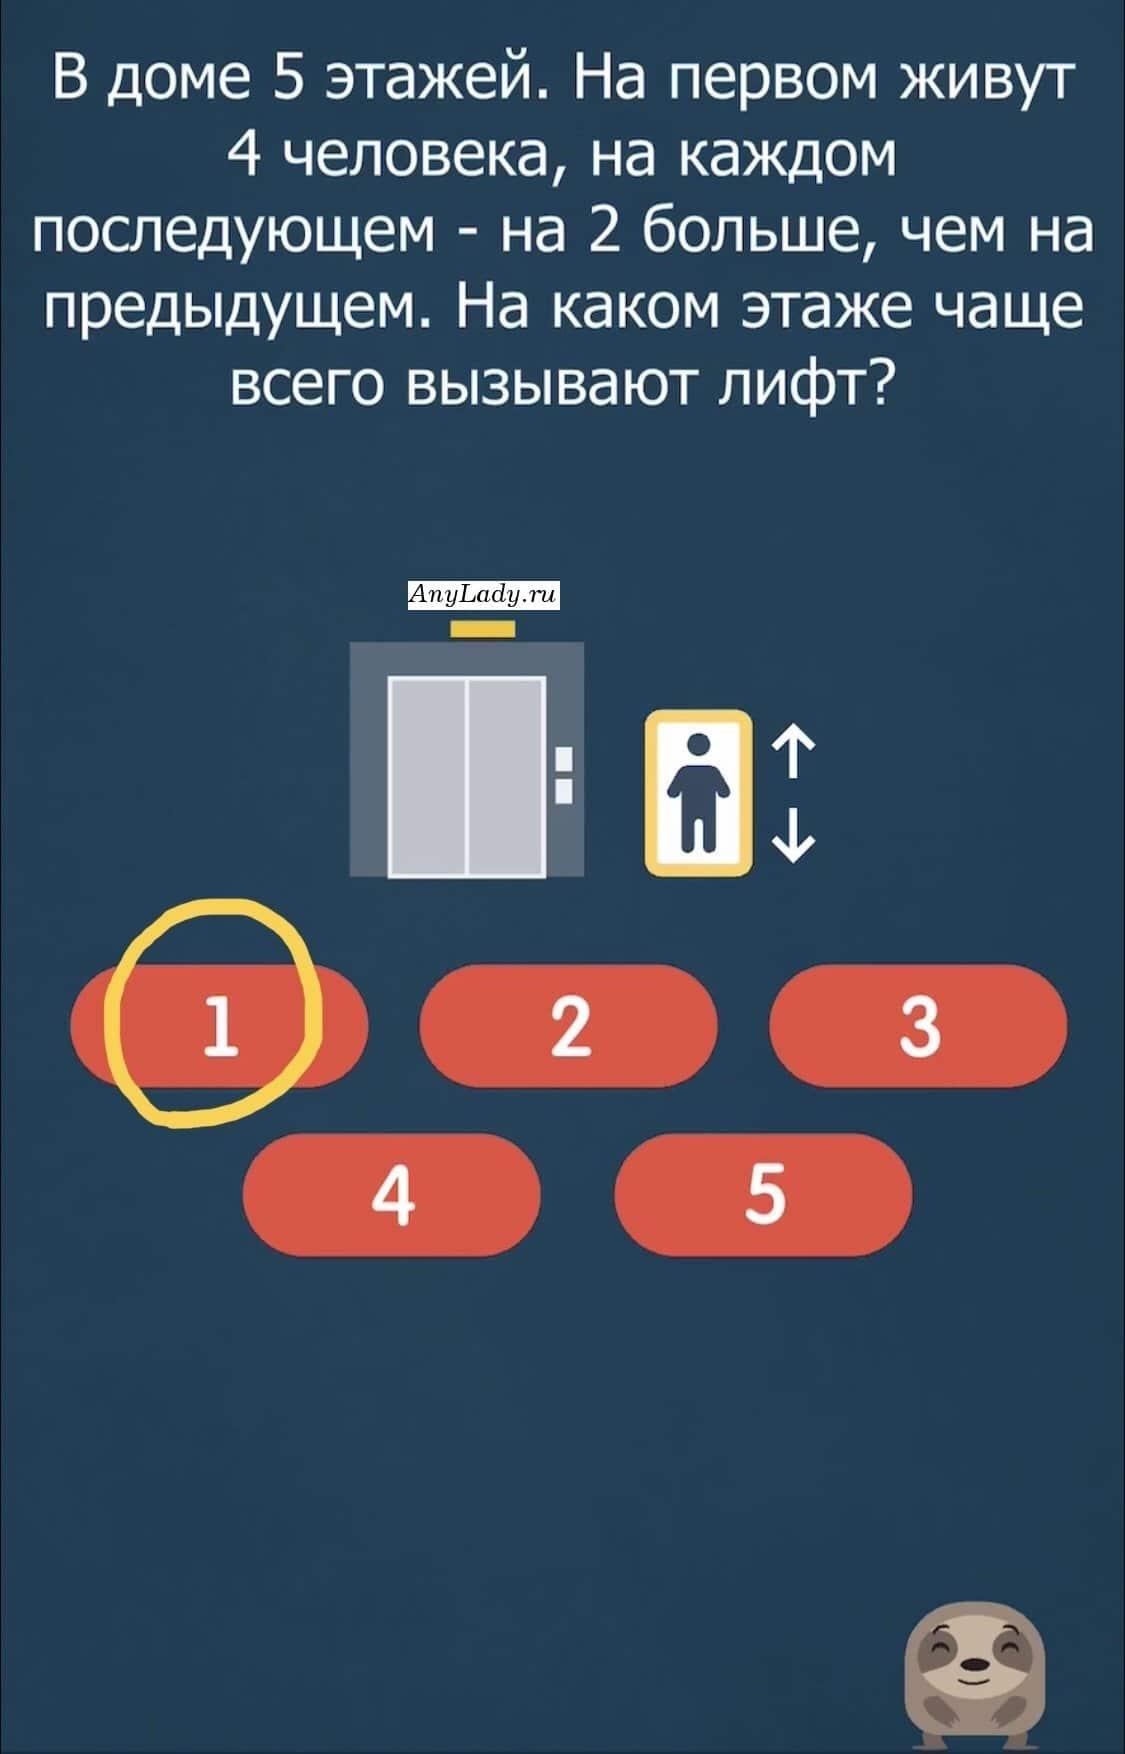 Самое большое количество вызова лифта, идет с первого этажа. Ответ: 1